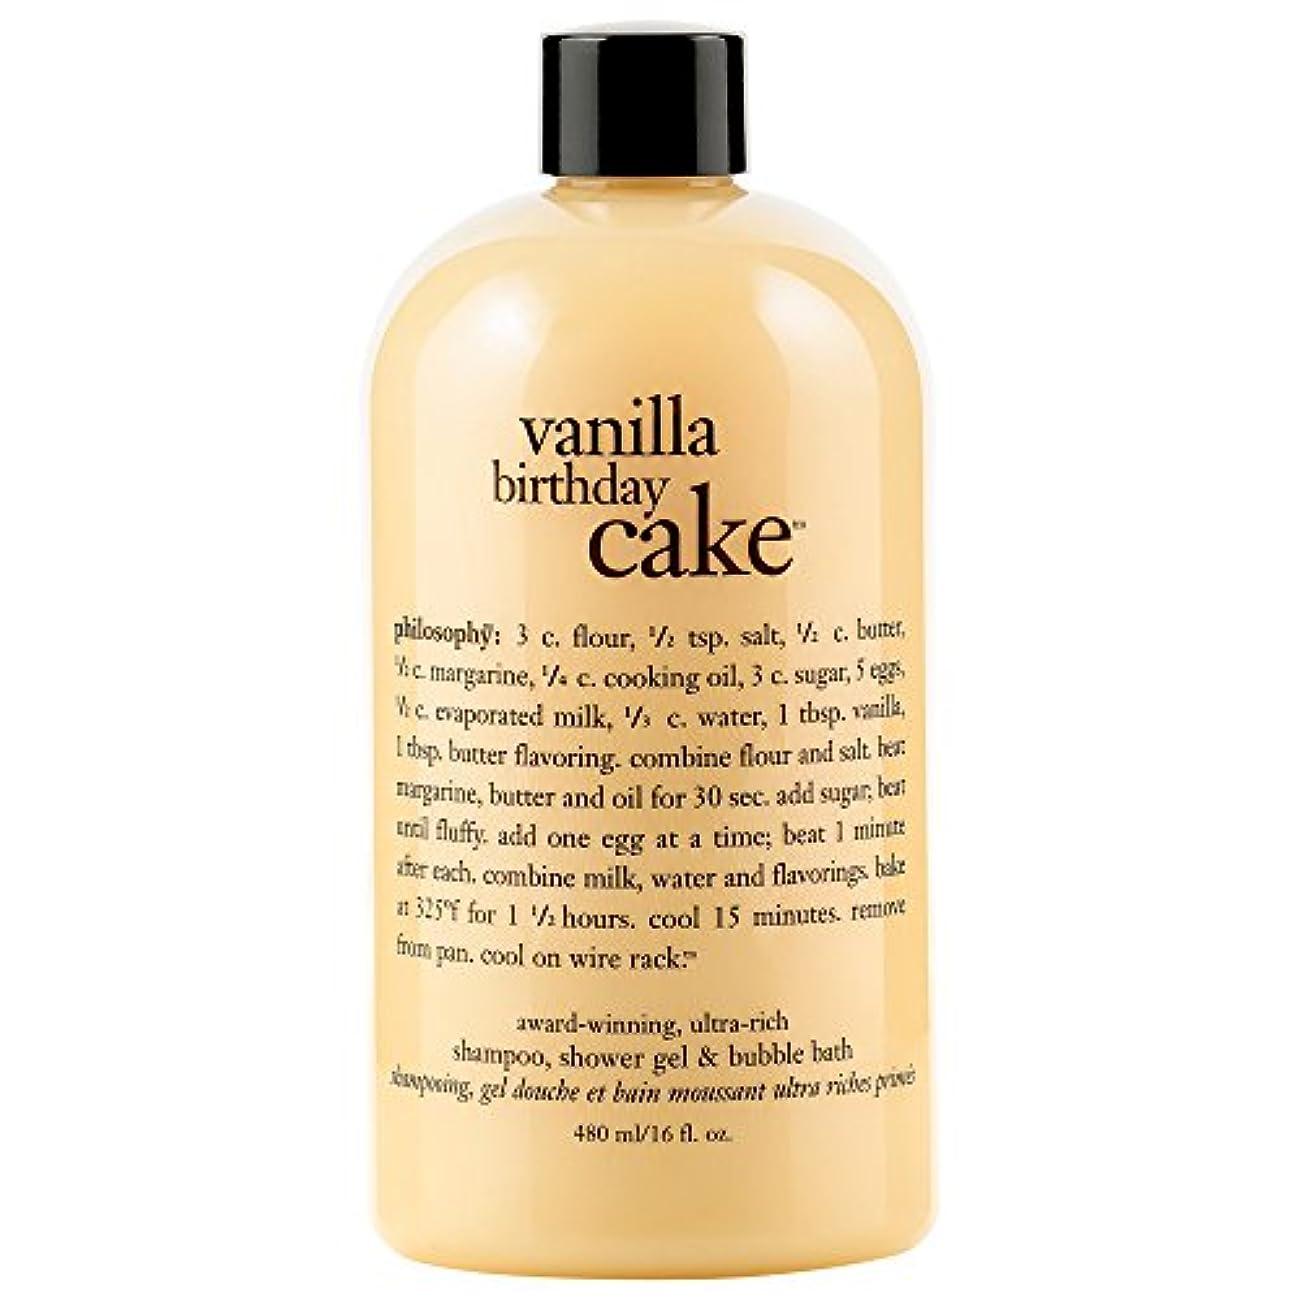 あからさまフォークアーサー哲学バニラバースデーケーキシャンプー/シャワージェル/バブルバス480ミリリットル (Philosophy) - Philosophy Vanilla Birthday Cake Shampoo/Shower Gel/Bubble...